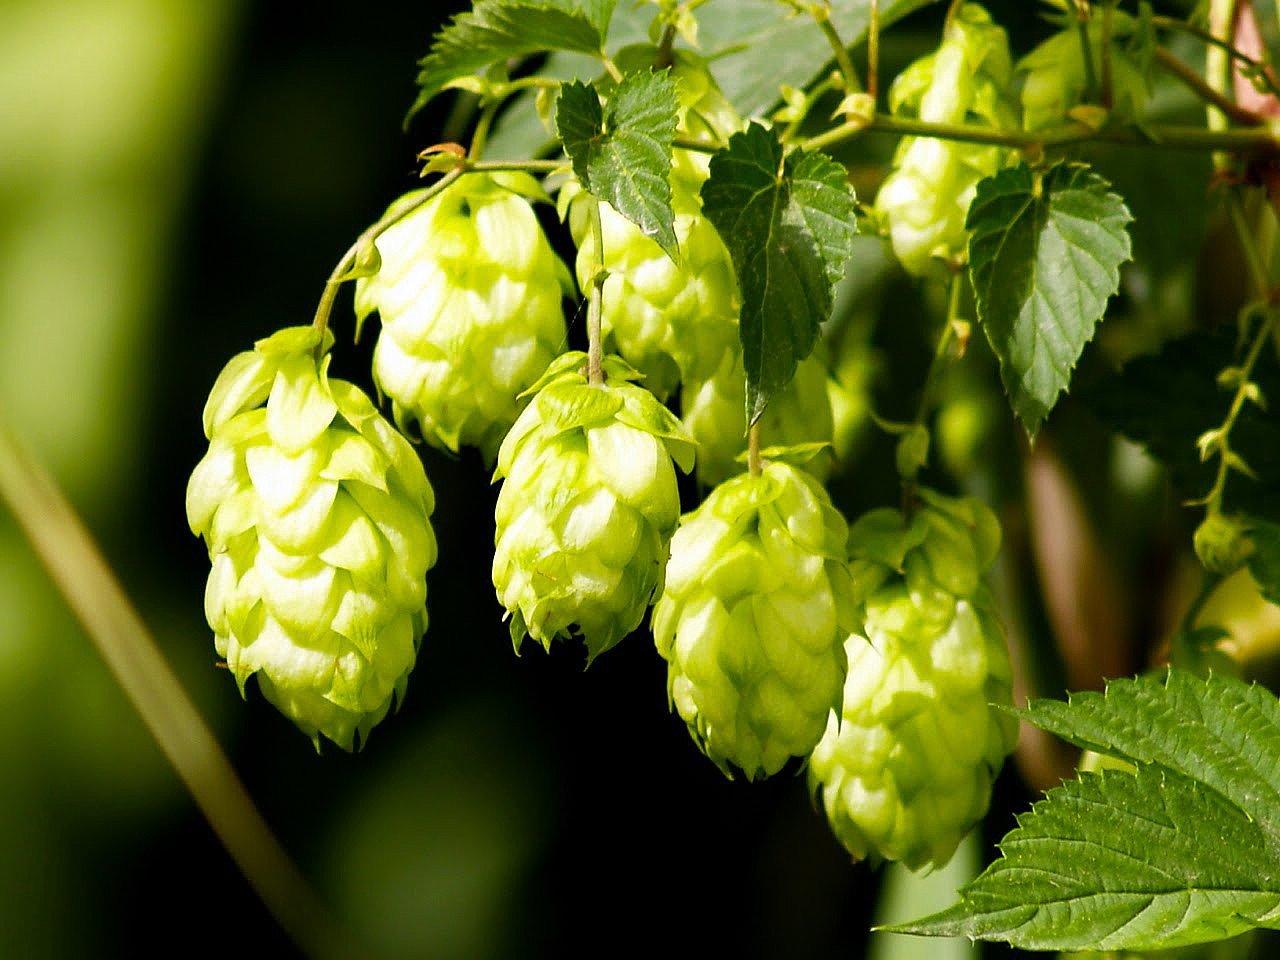 Saaz Beer Hops Vine - Humulus - Grow your own Beer! - 4'' Pot